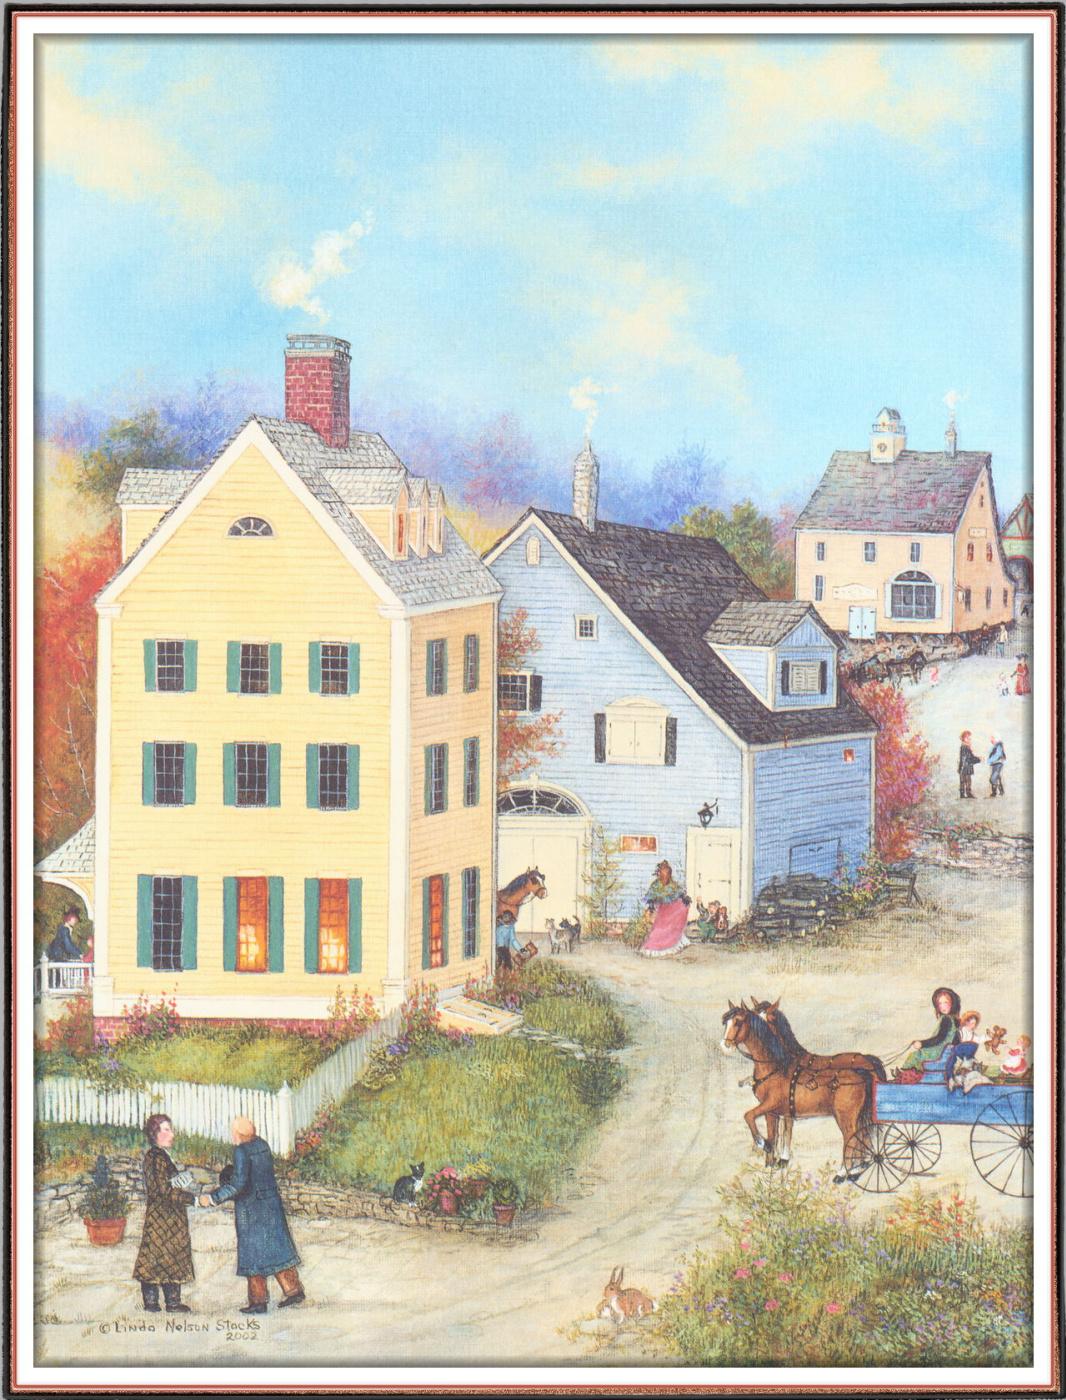 Linda Nelson Stokes. Village on the Prairie